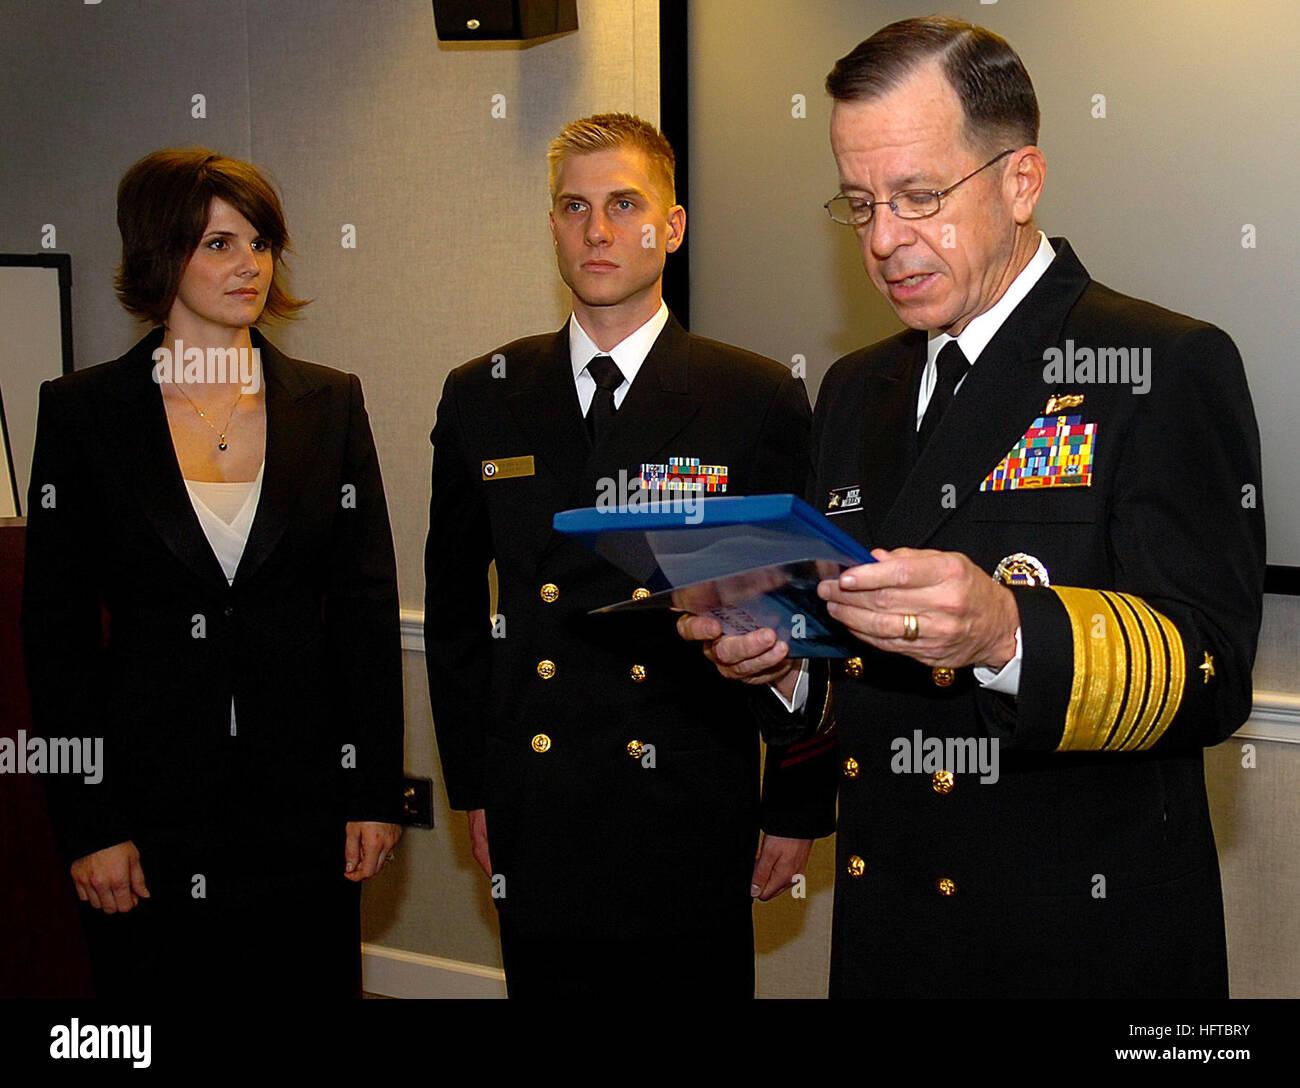 incontri noi Navy arruolato uniformi